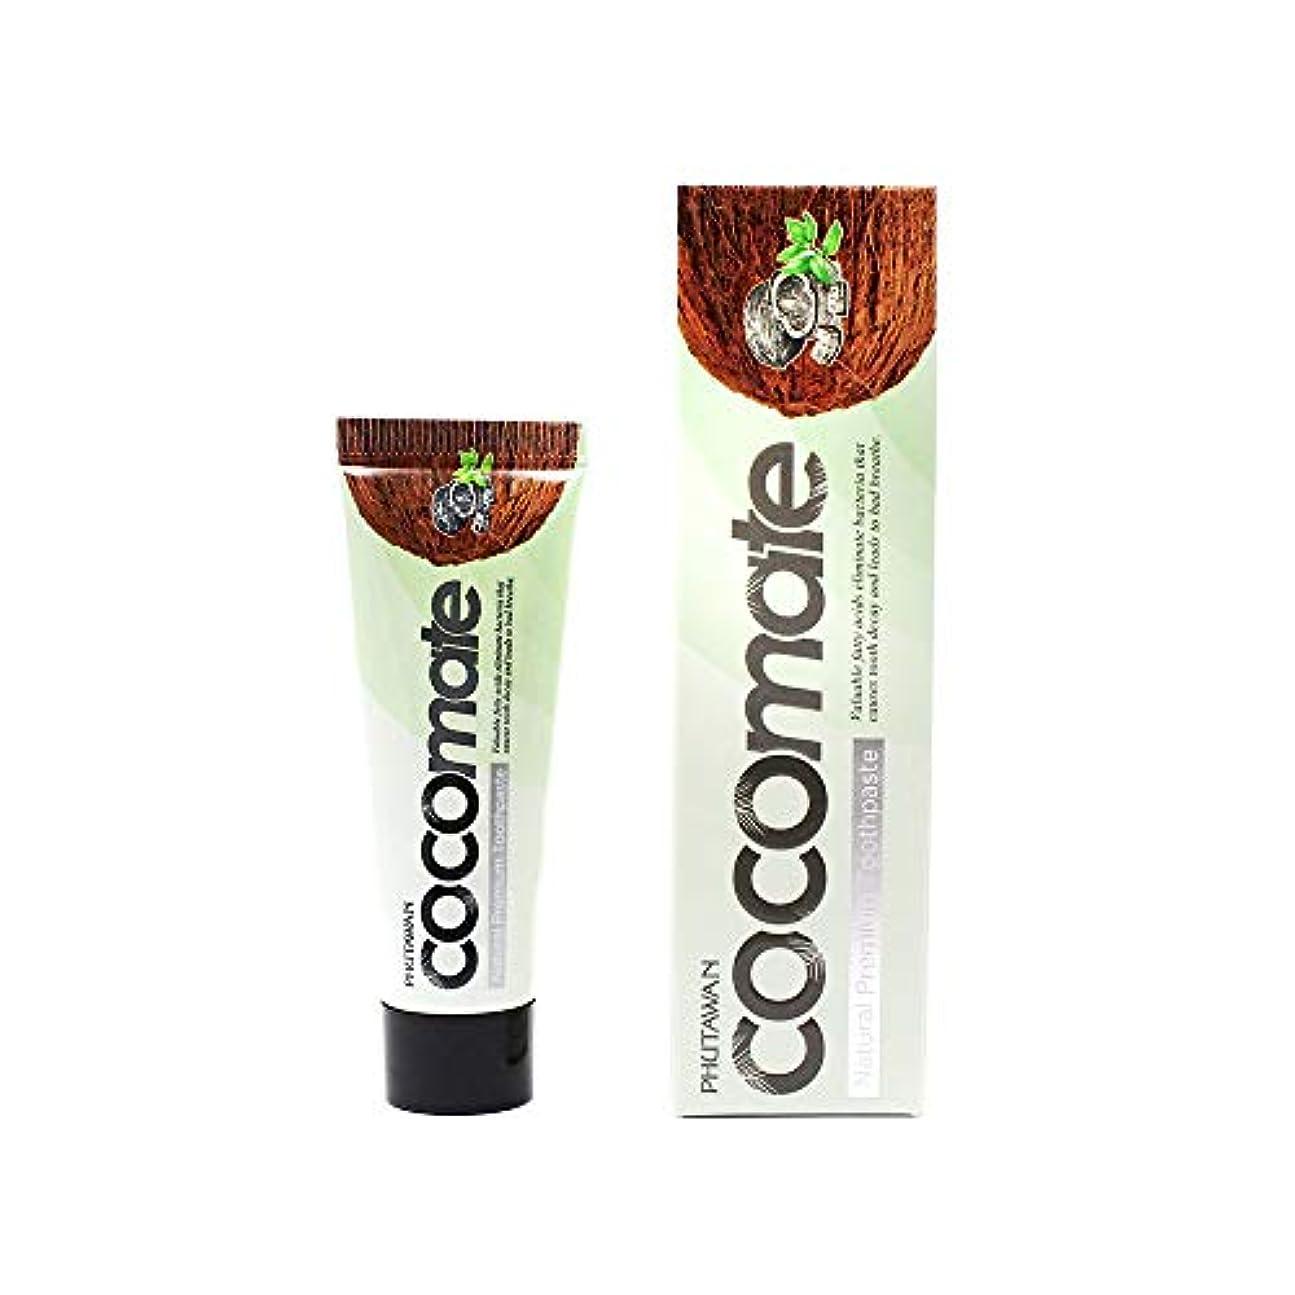 フェデレーション誰でも傑作歯磨き粉 Cocomate Natural Premium Toothpaste